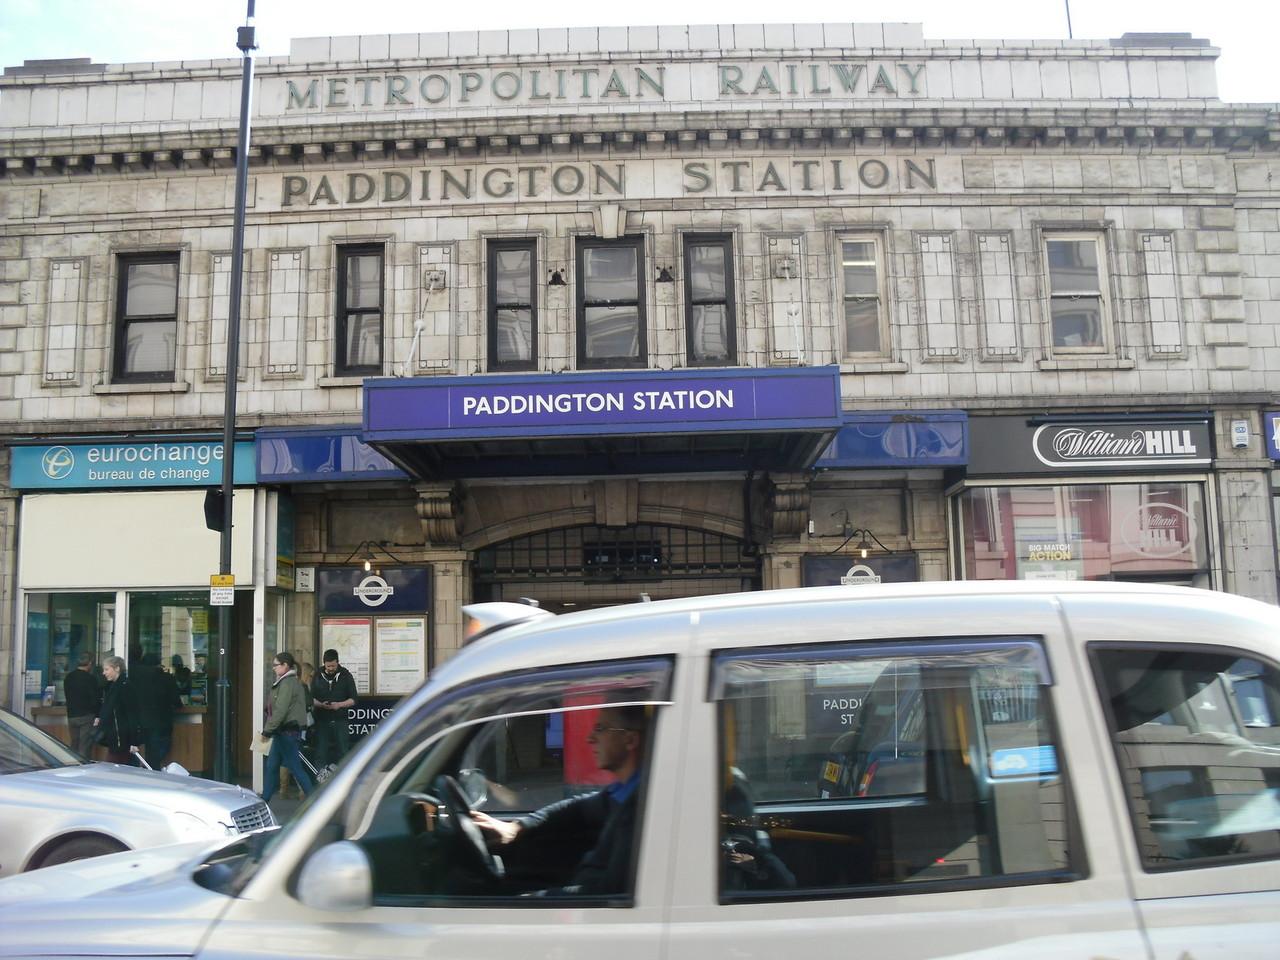 パディントン駅の向かいにある地下鉄のパディントン駅です。